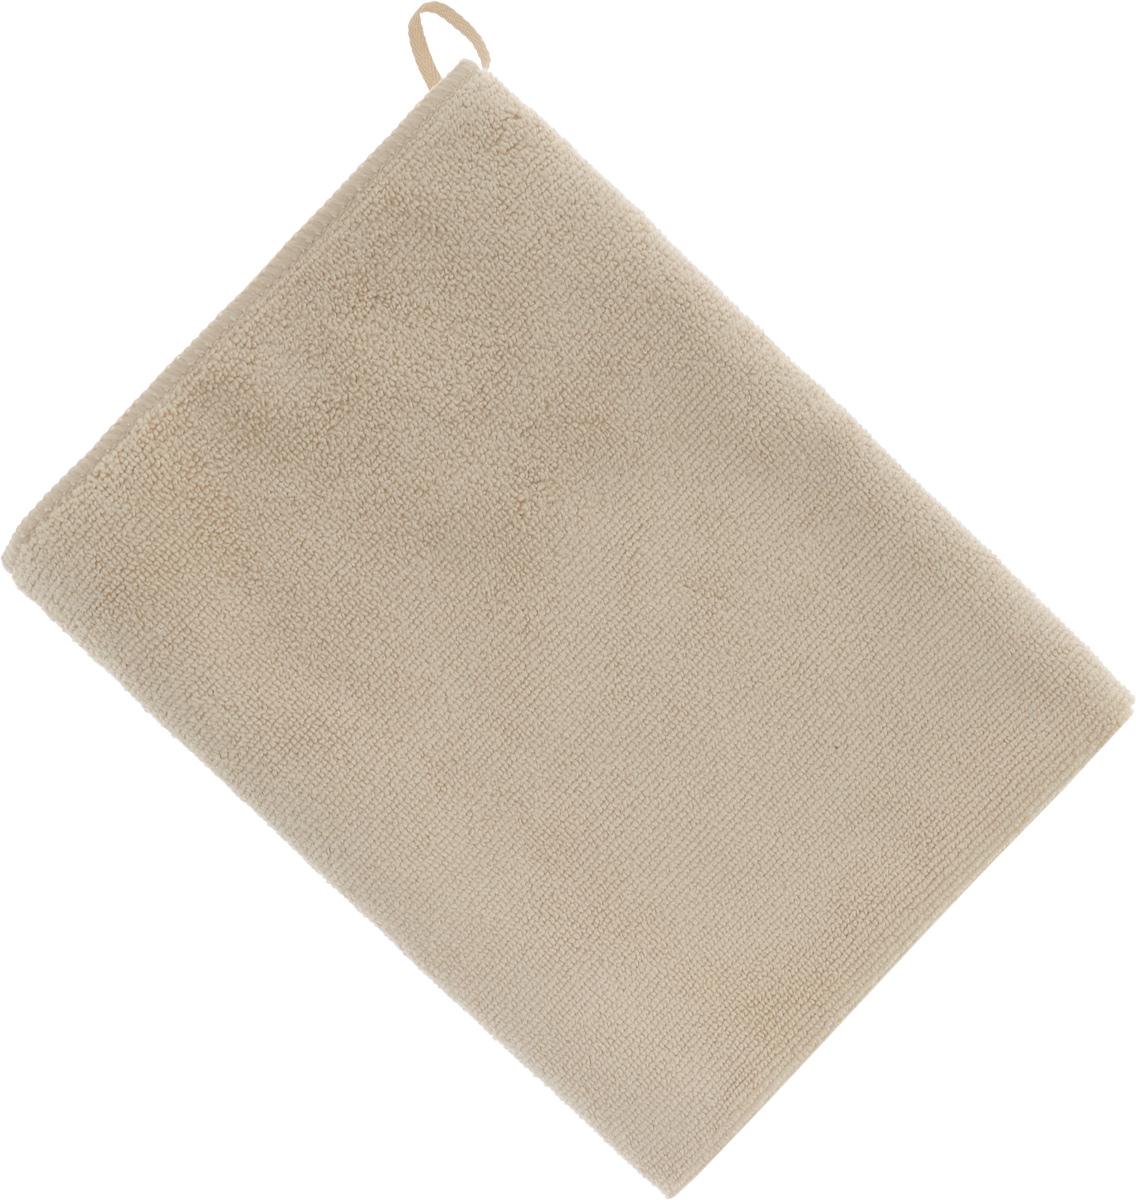 Полотенце кухонное Soavita, цвет: бежевый, 50 х 70 смSS 4041Полотенце Soavita выполнено из микрофайбера (80% полиэстер и 20% полиамид). Изделие отлично впитывает влагу, быстро сохнет, сохраняет яркость цвета и не теряет форму даже после многократных стирок. Полотенце очень практично и неприхотливо в уходе. Оно создаст прекрасное настроение и украсит интерьер в ванной комнате.